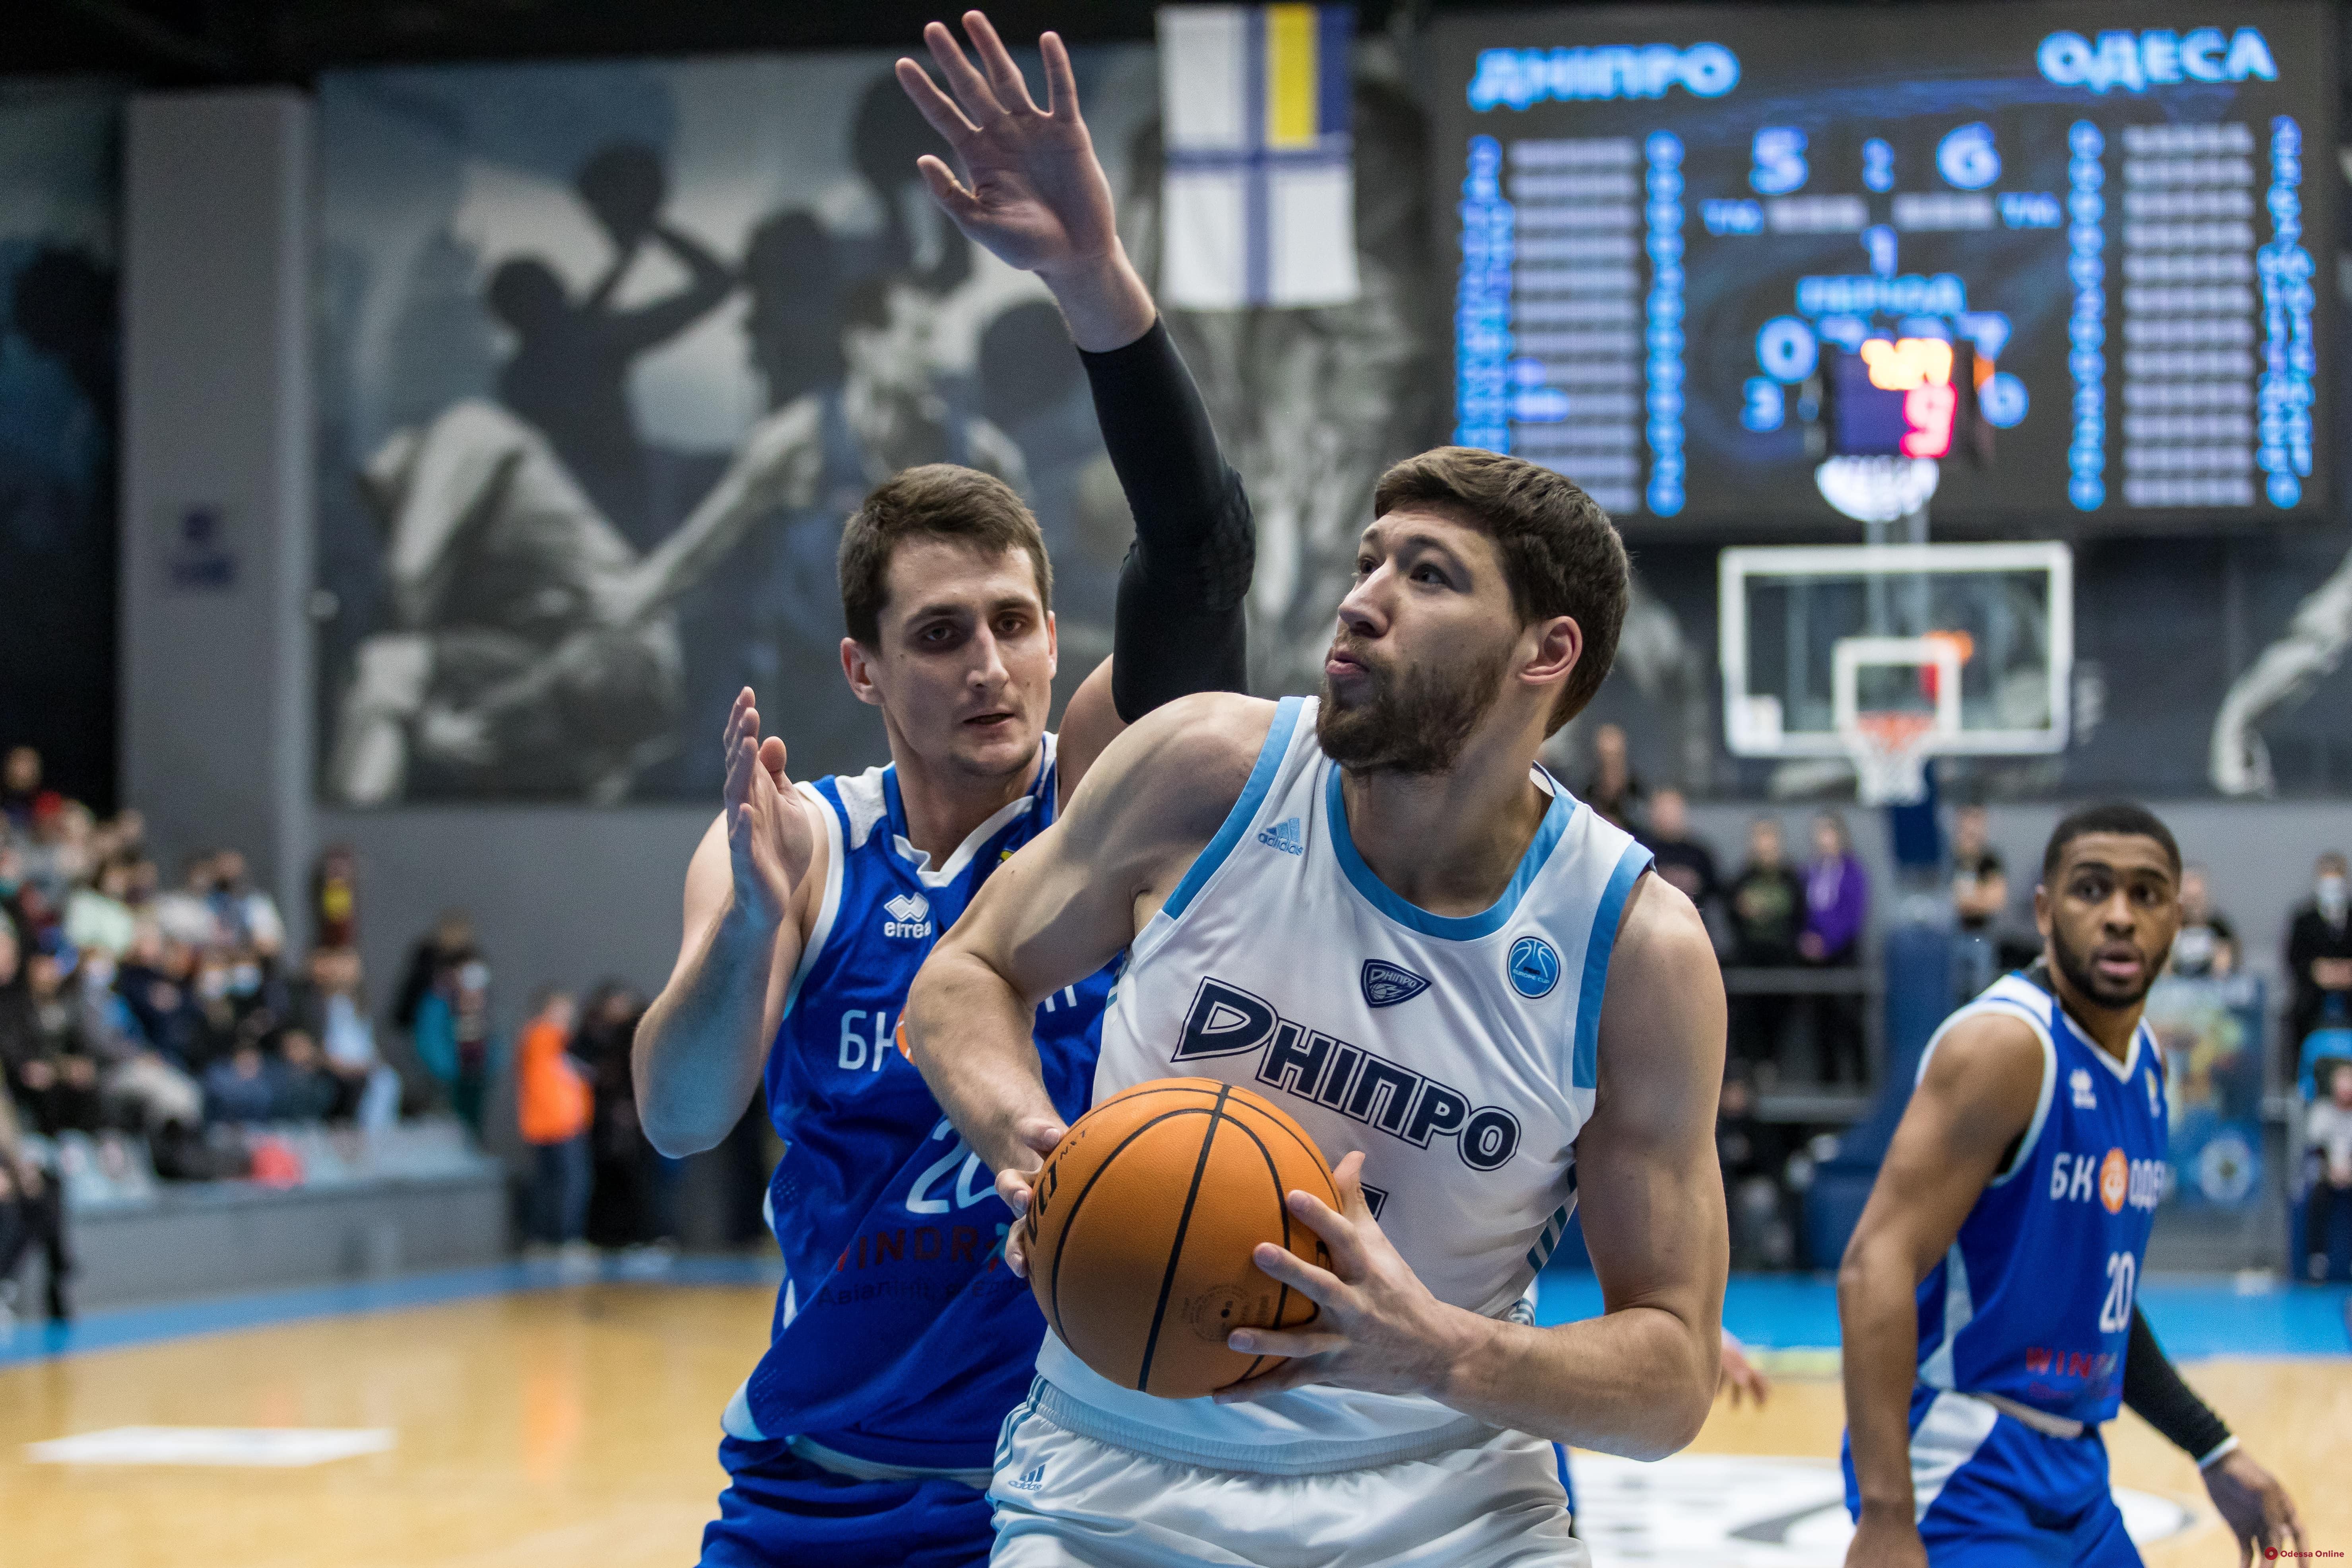 Баскетбол: «Одесса» проиграла чемпиону, «Химик» – аутсайдеру